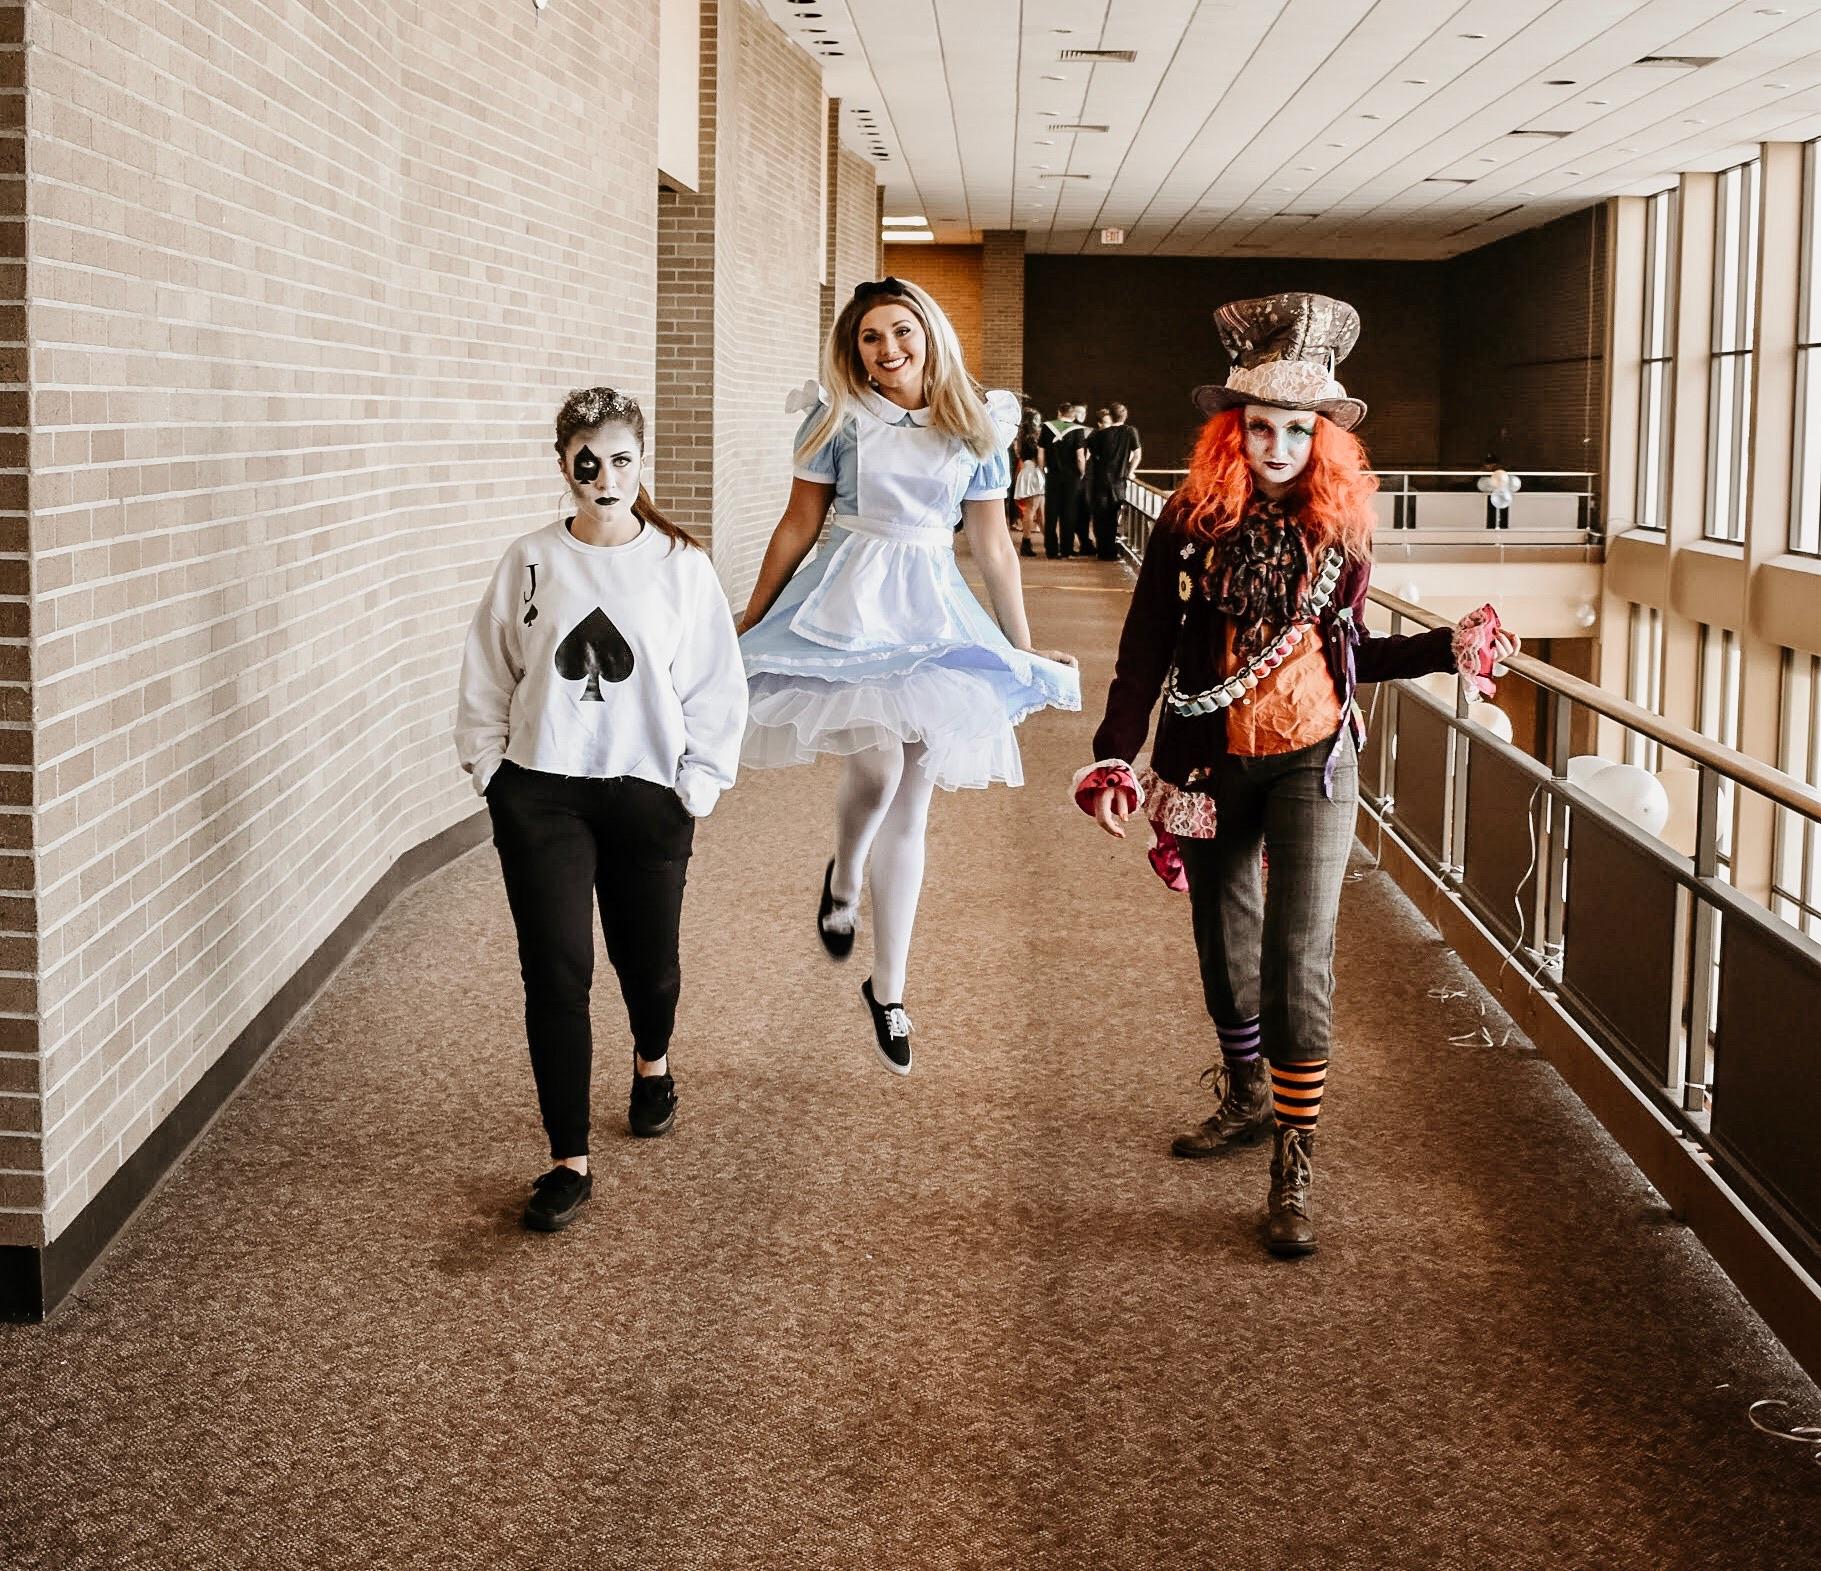 Variety Show 2019 - Lost in Wonderland